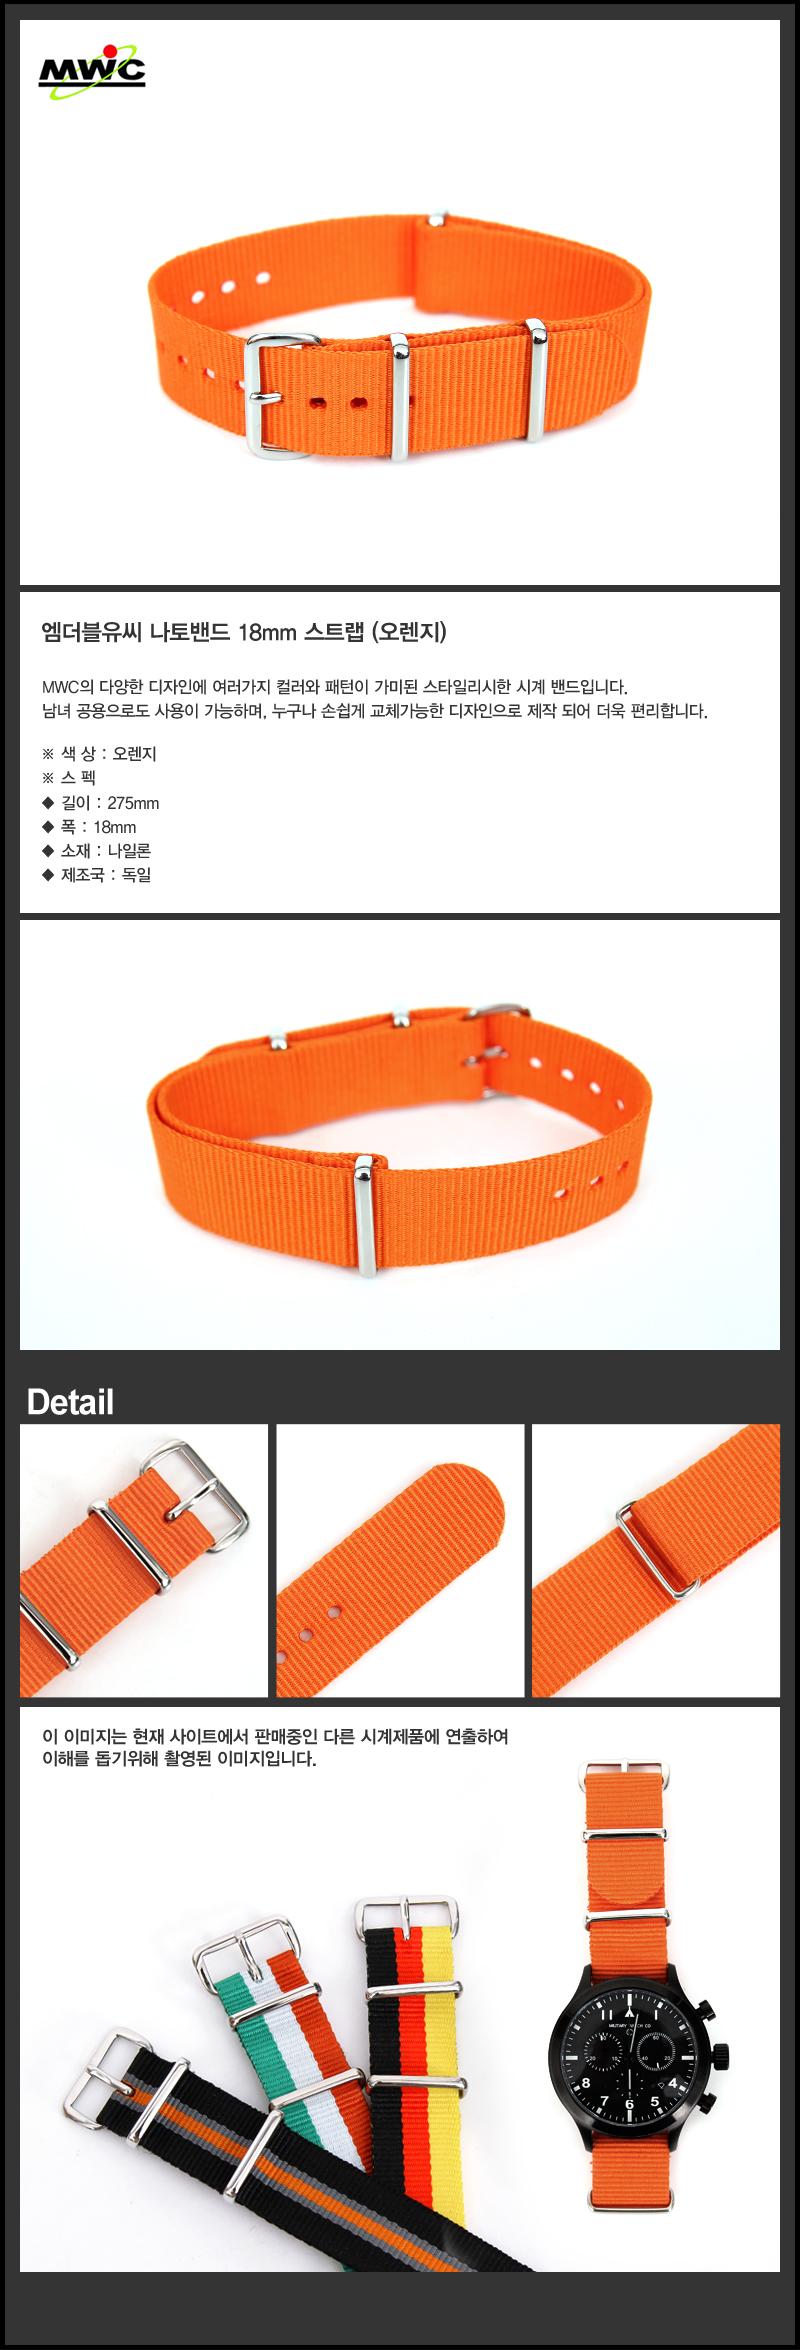 밀리터리와치(MWC WATCH) 엠더블유씨 나토밴드 18mm 스트랩 (오렌지)